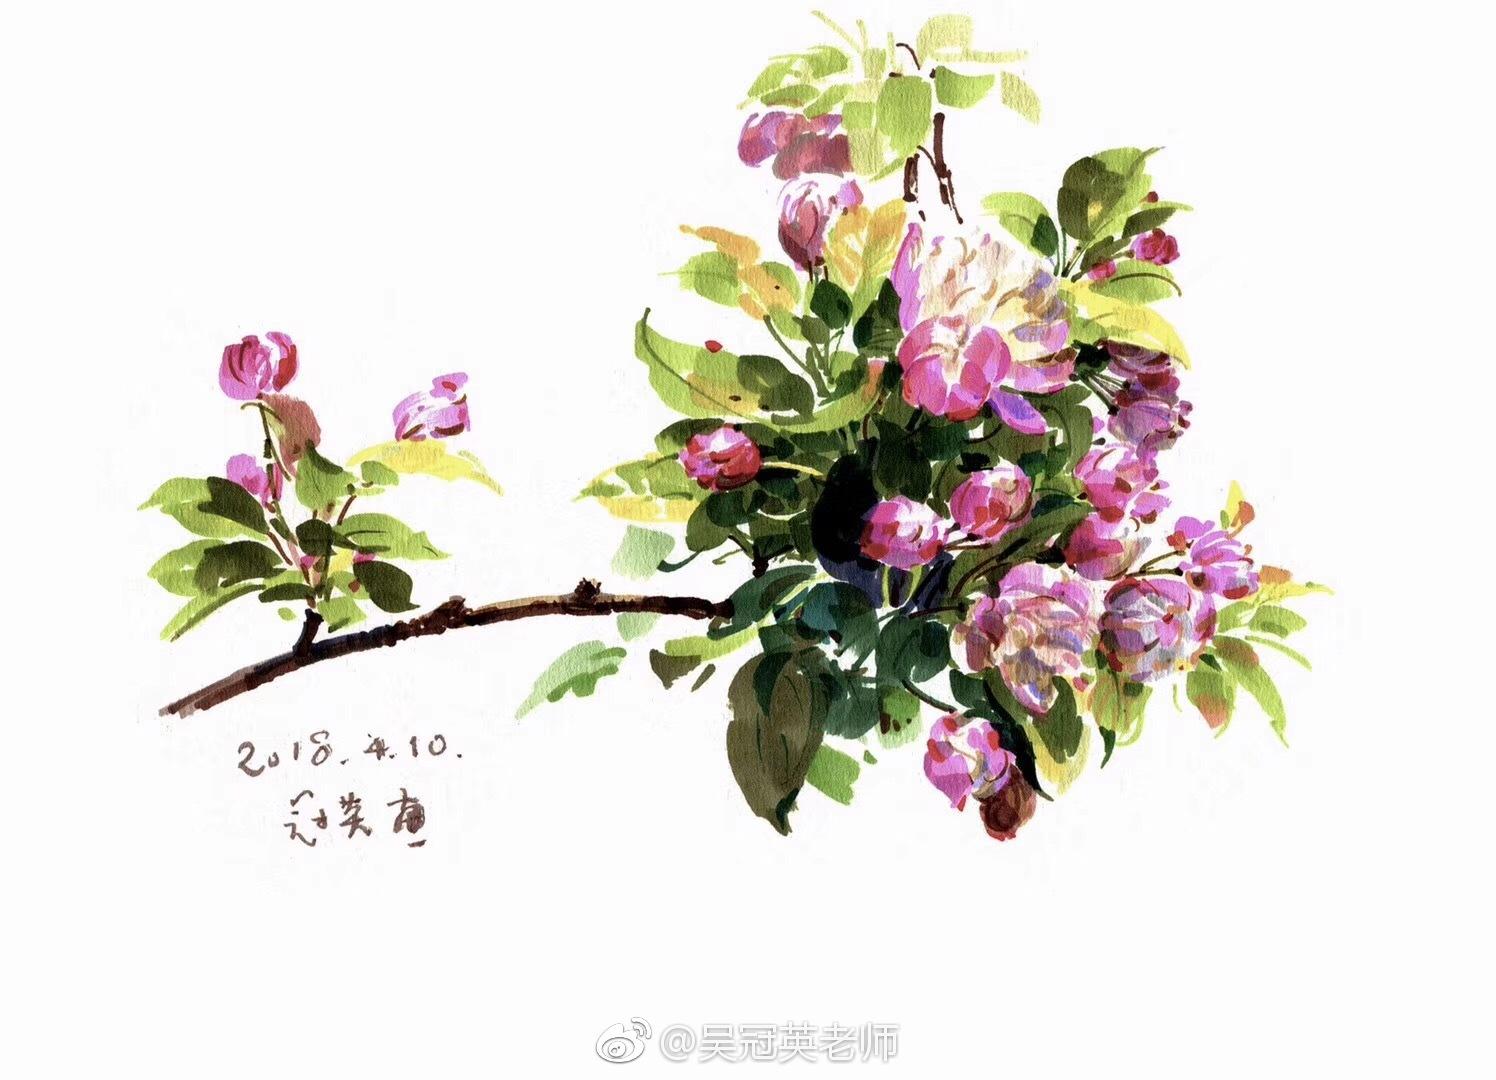 马克笔手绘,回望北京的春天.作者